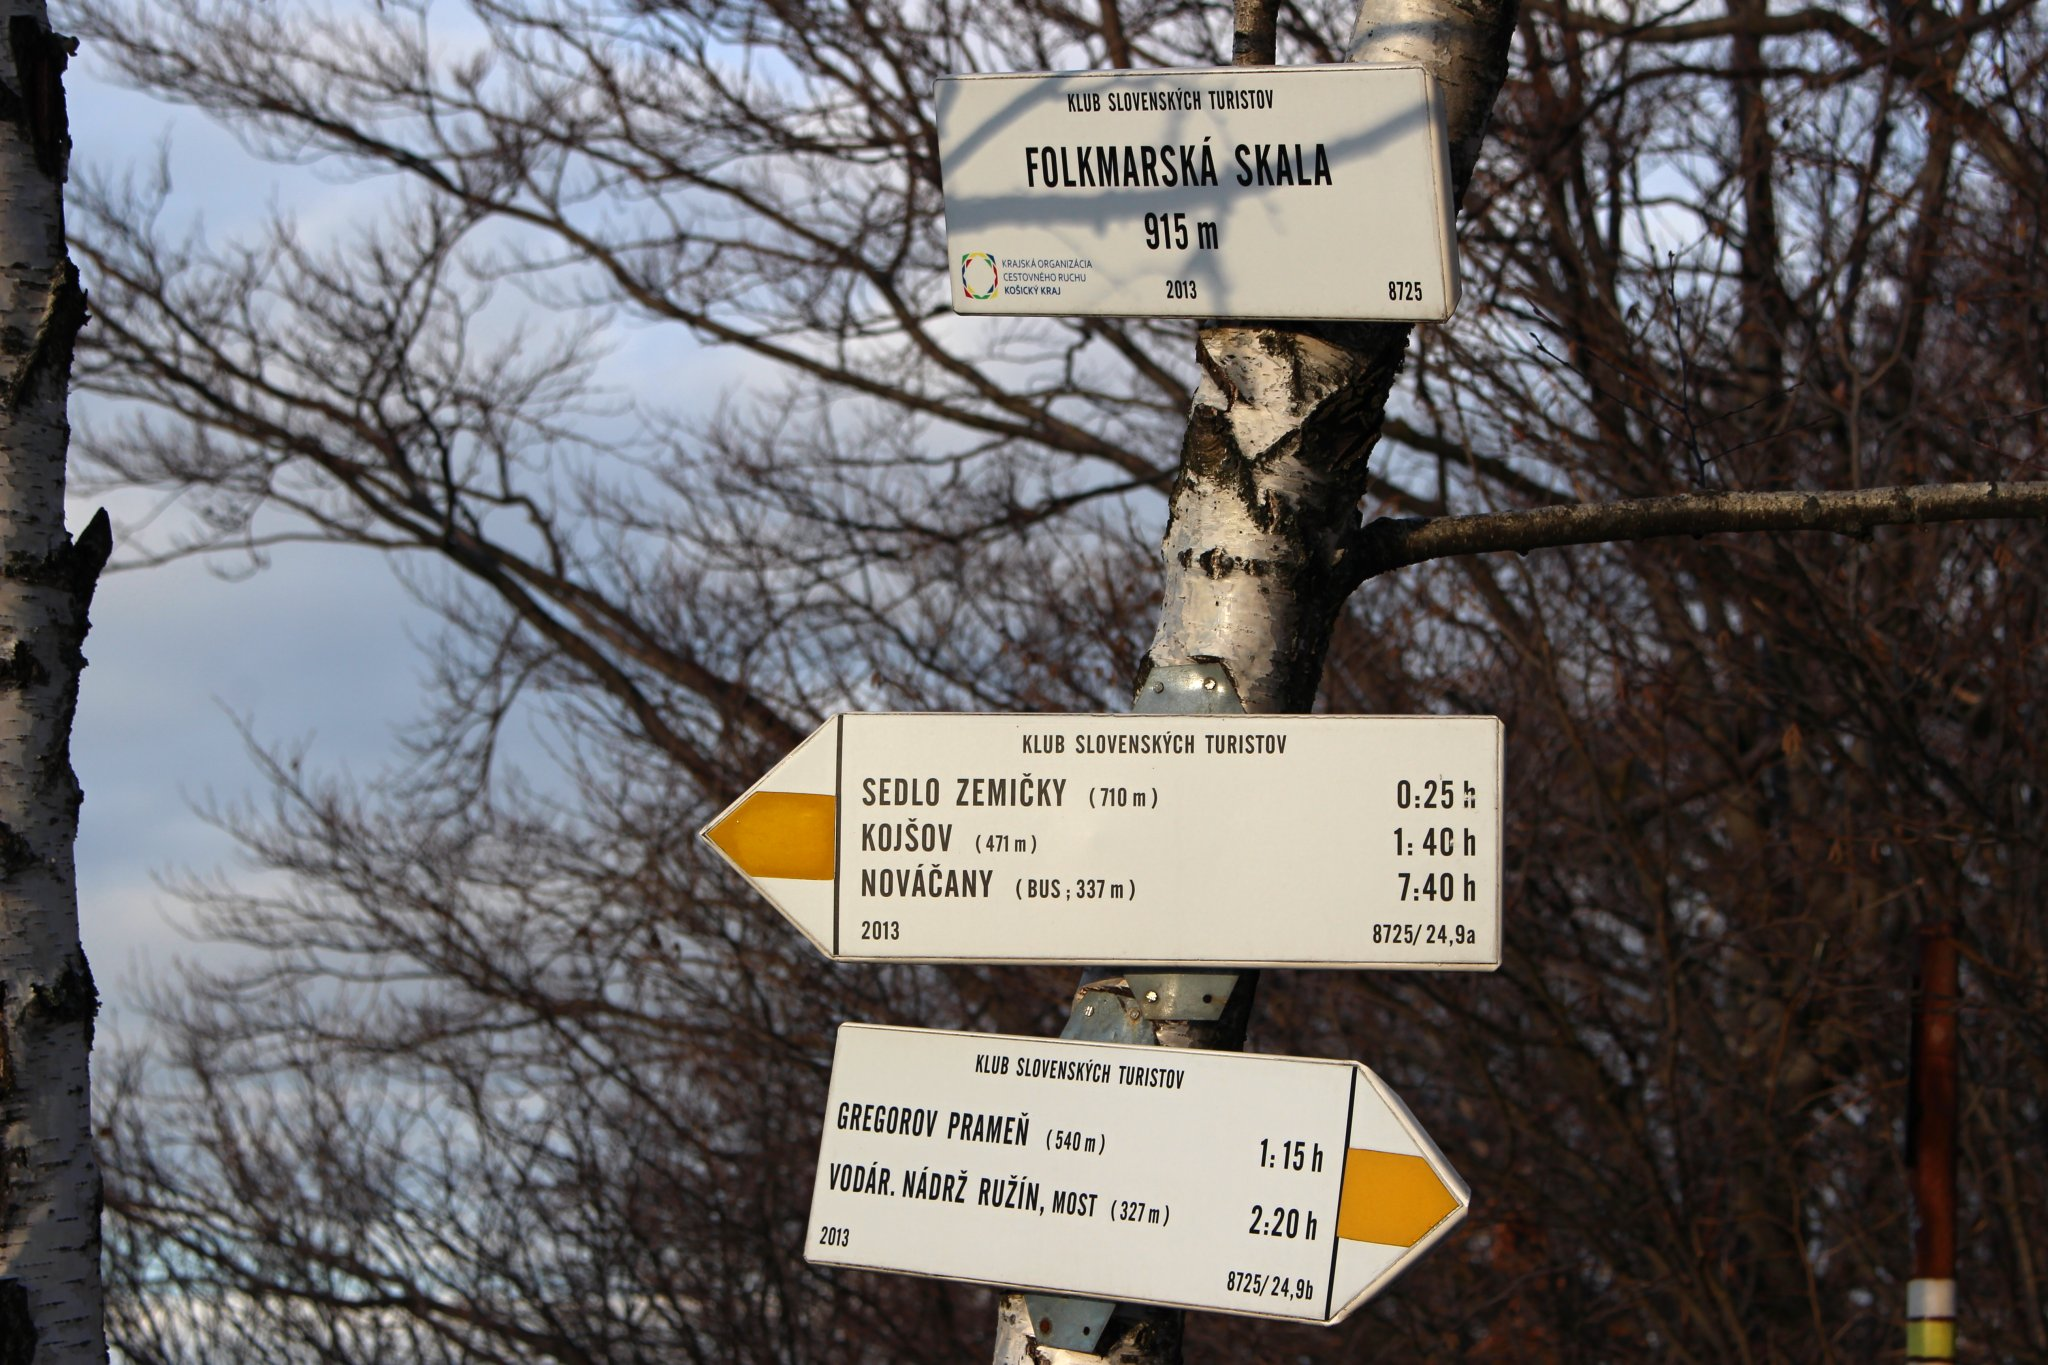 Folkmarská skala, Košice region, Slovakia – 2